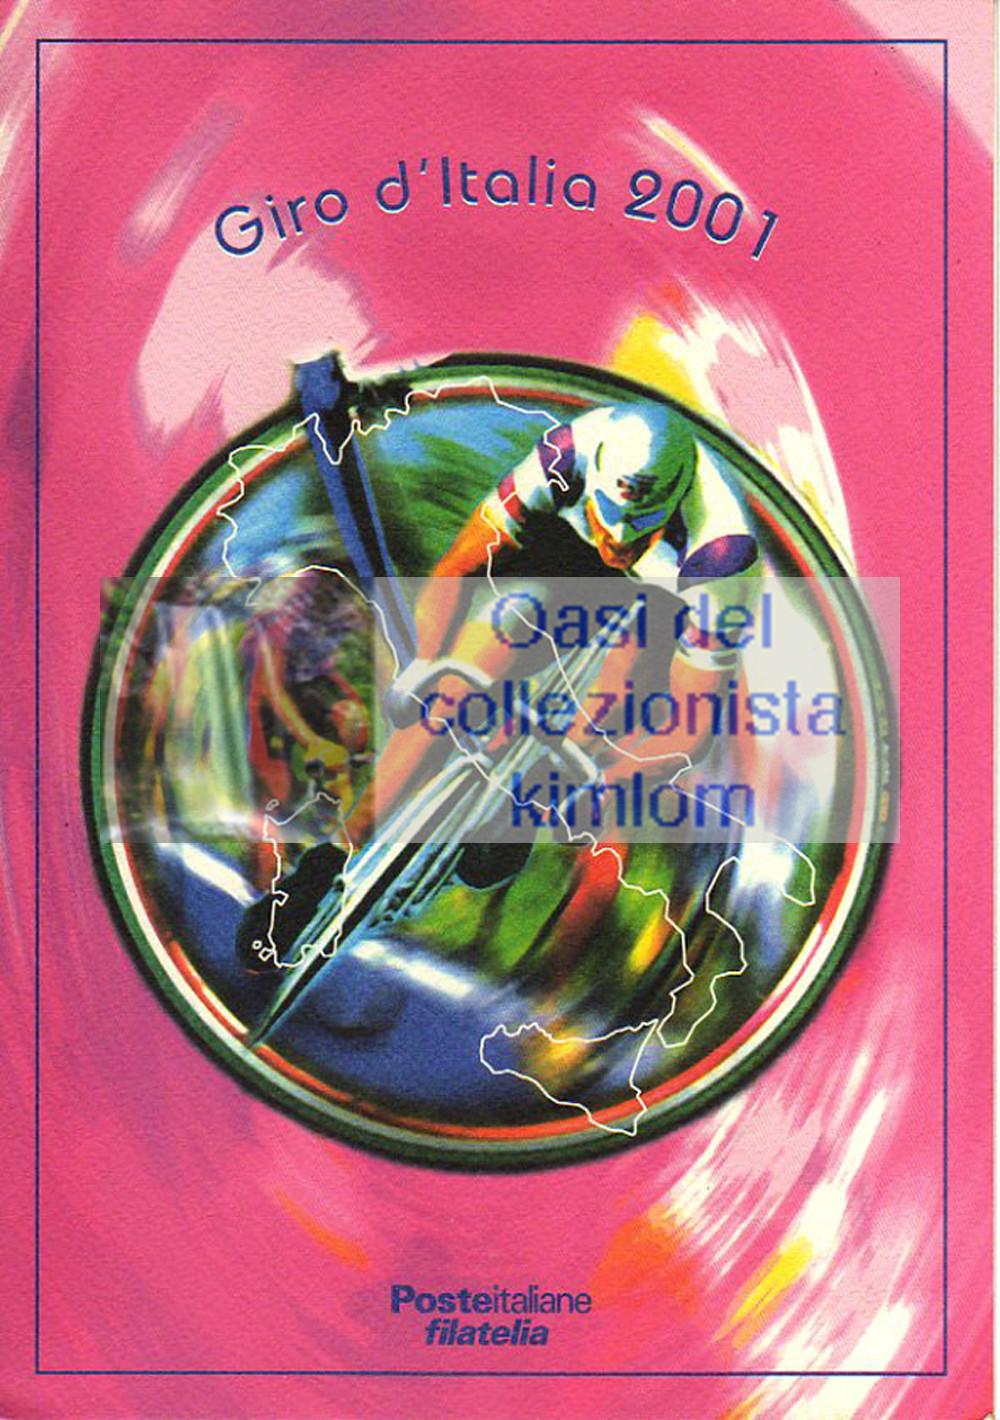 folder - Giro d'Italia 2001